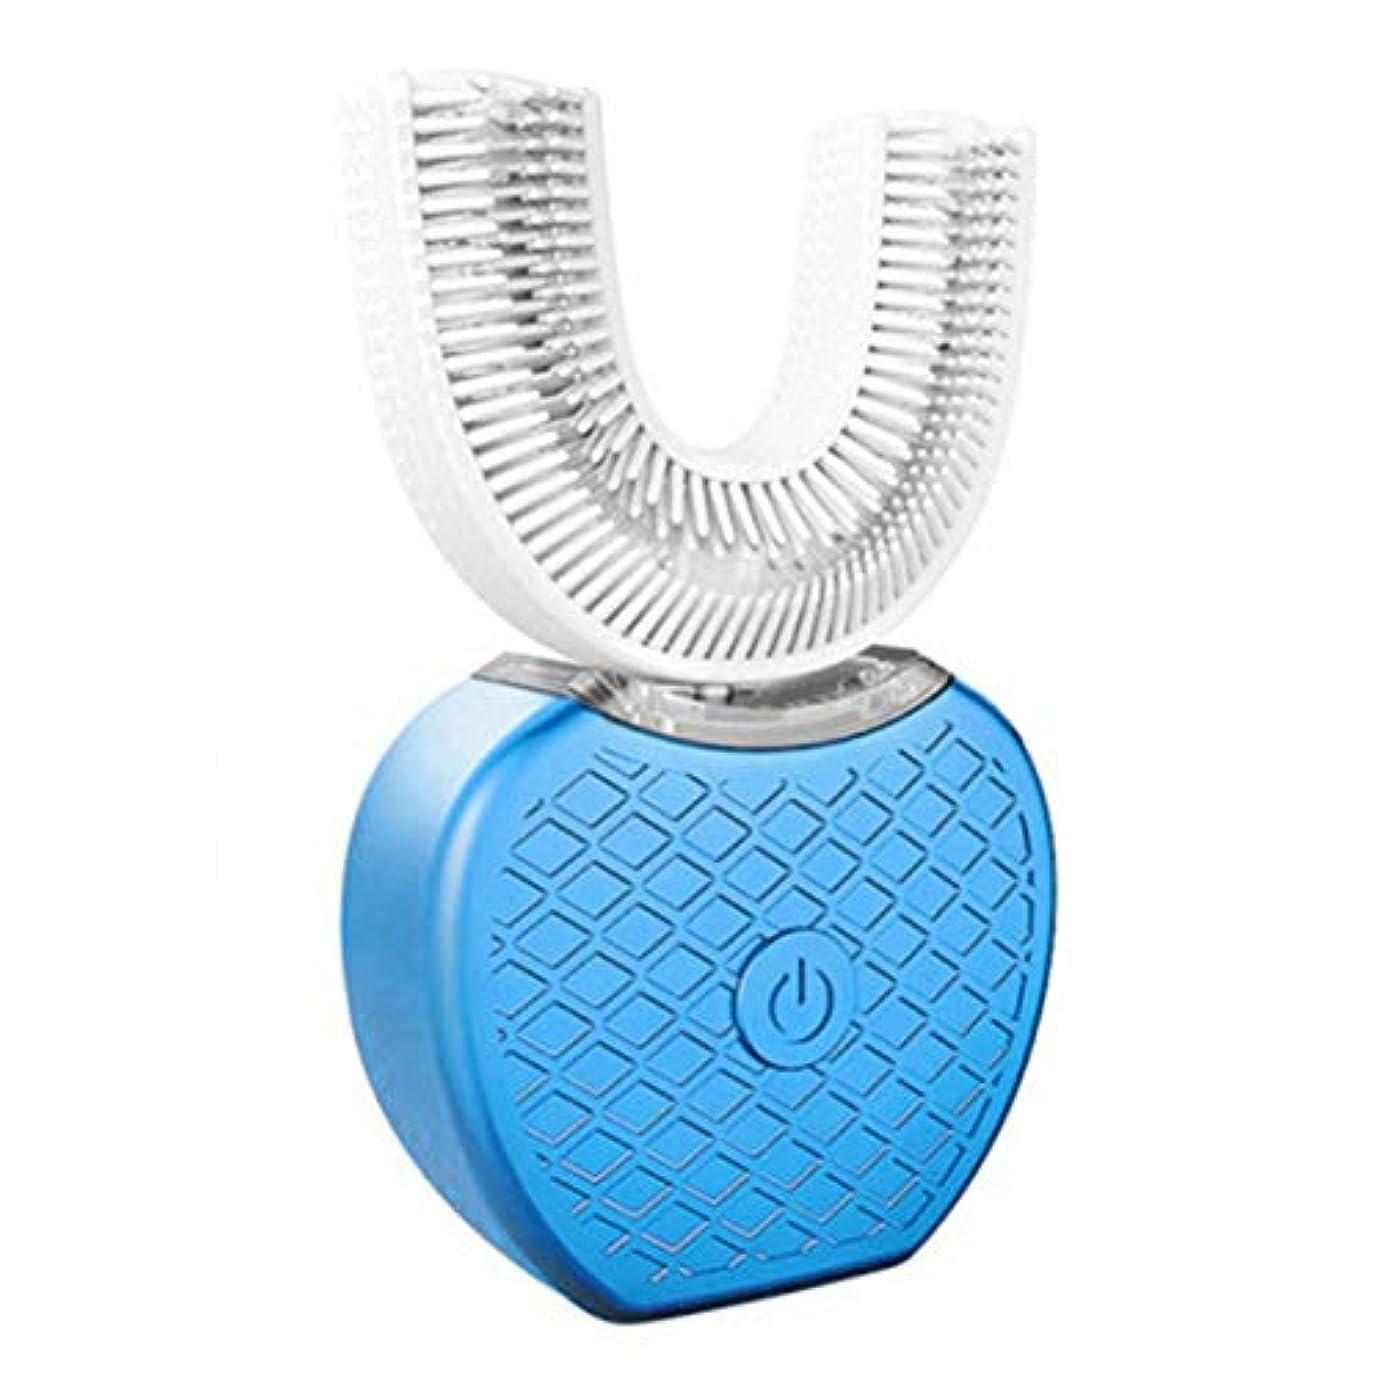 輝度欠席洞窟Vホワイト360インテリジェント自動ソニック電動歯ブラシU型USB充電式口腔歯シリコーンブラシヘッド歯磨き粉(青)